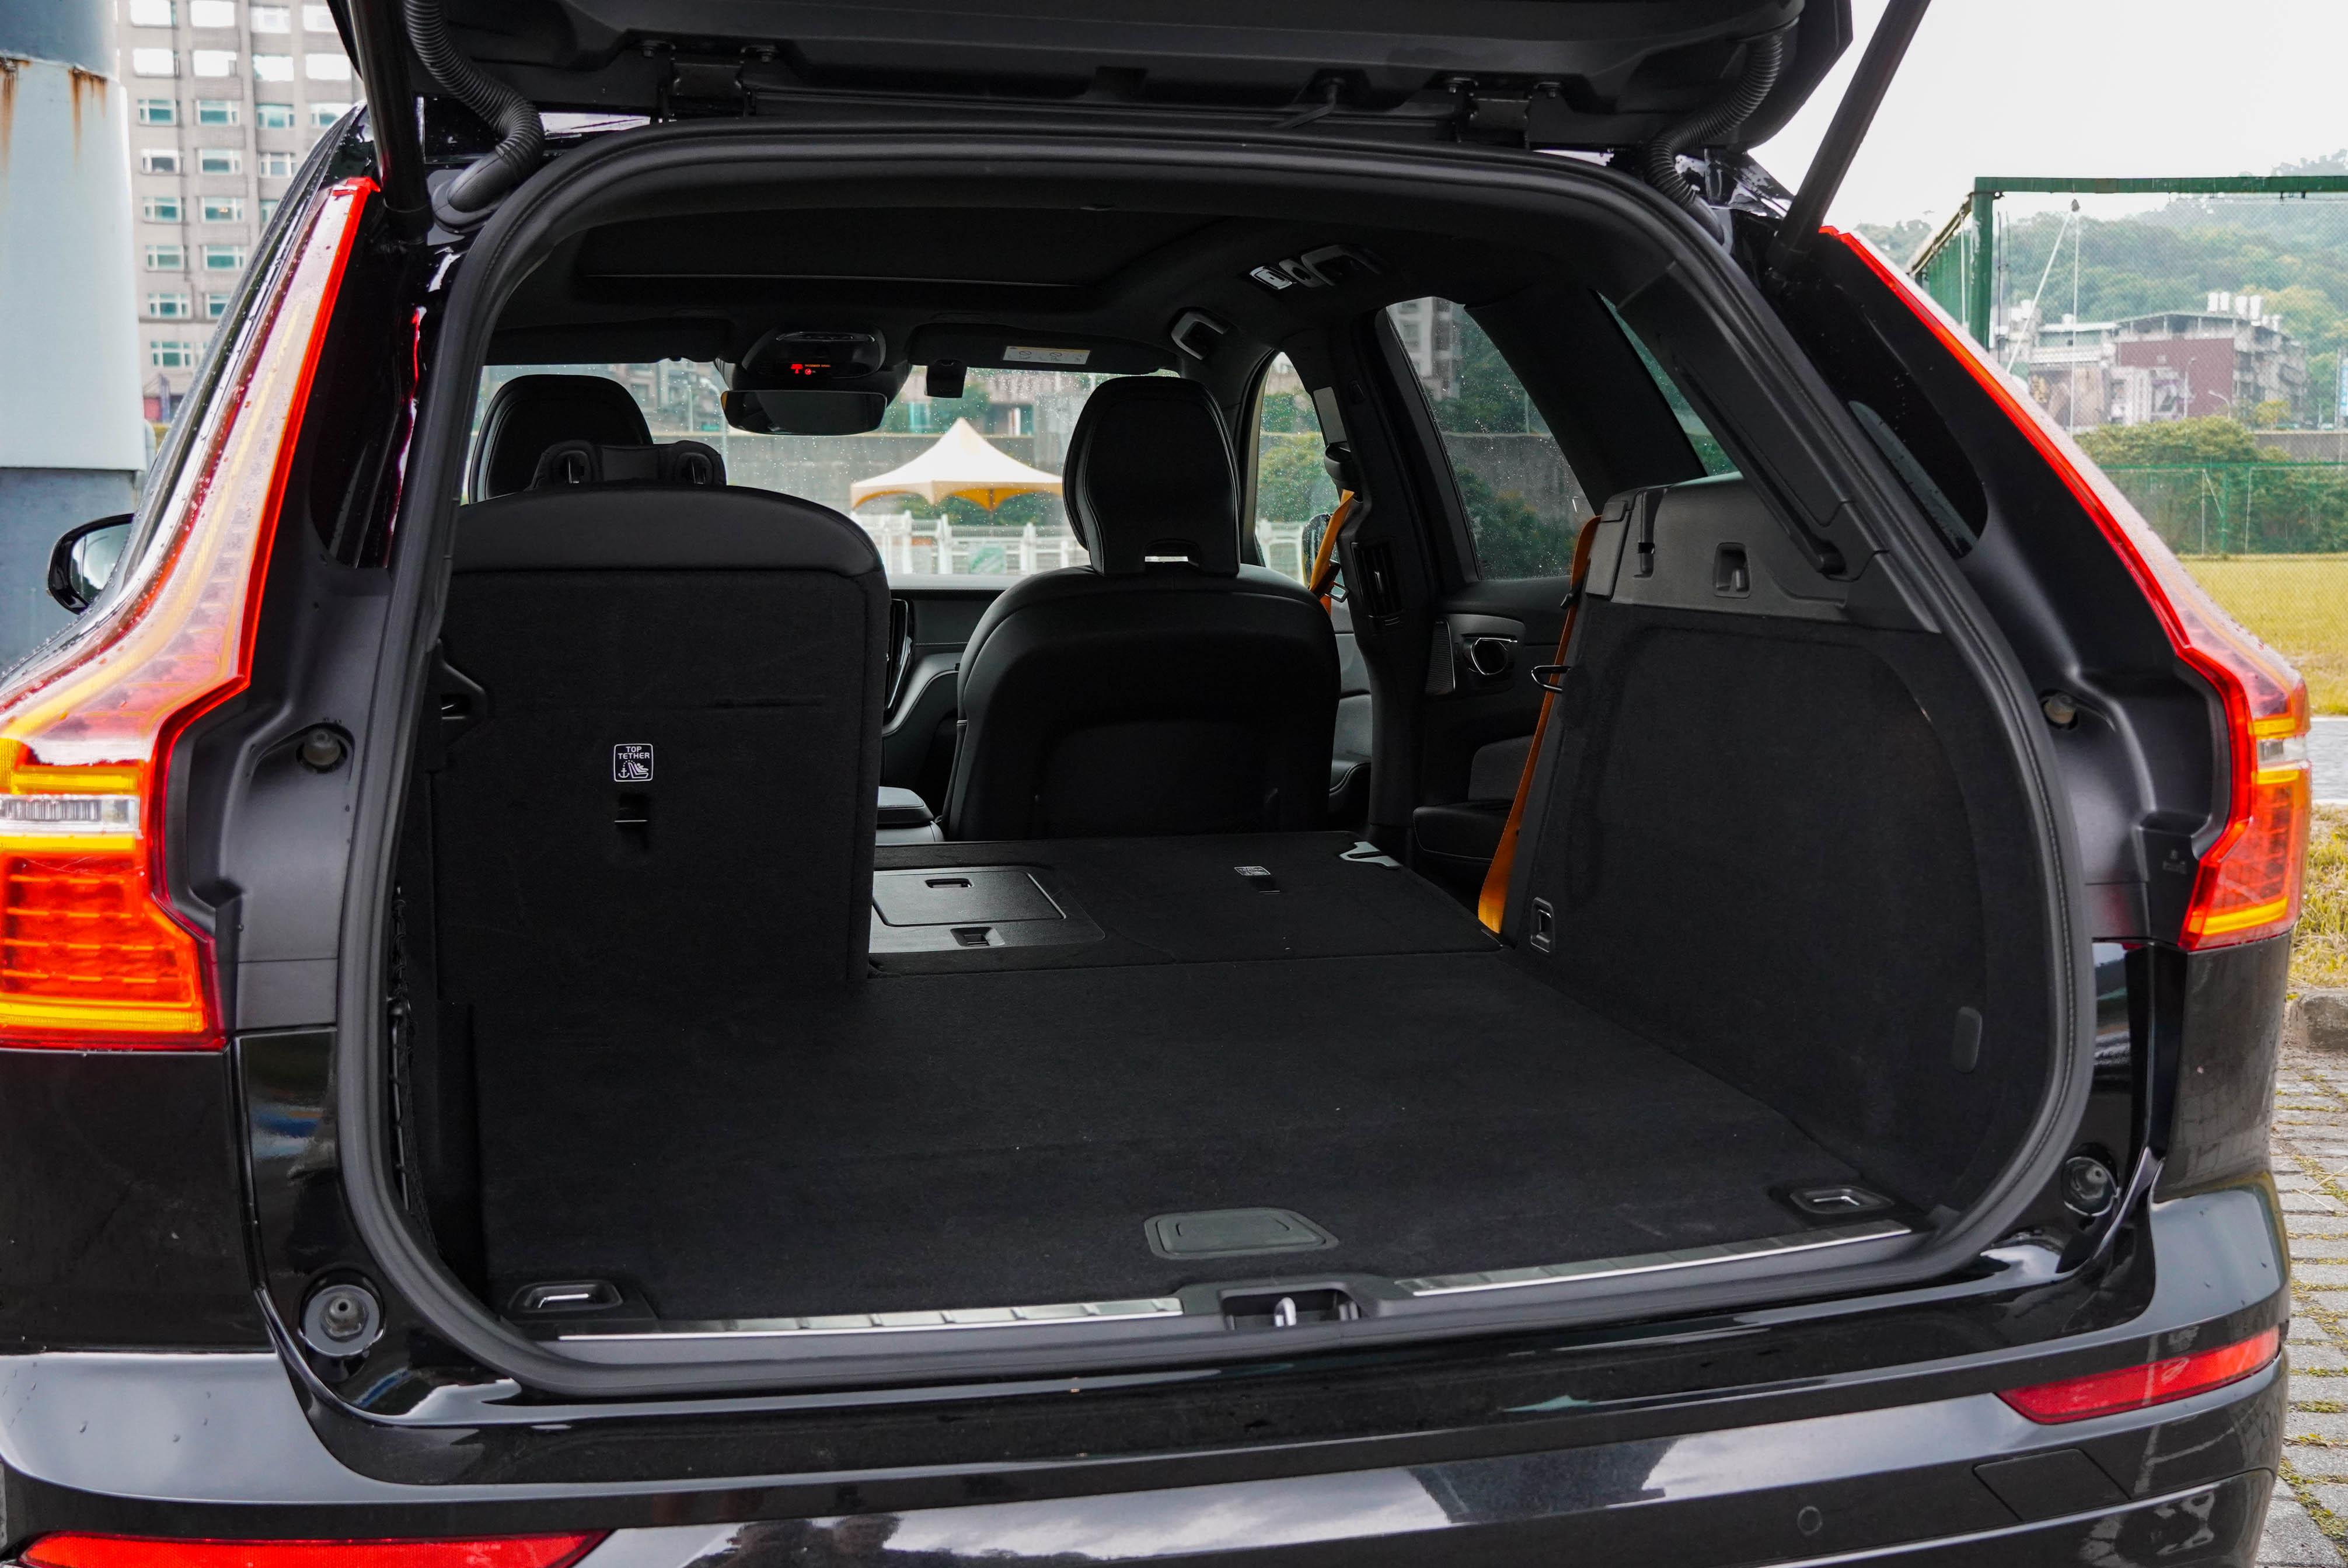 行李箱可變化於 468 / 1,395 公升之間。